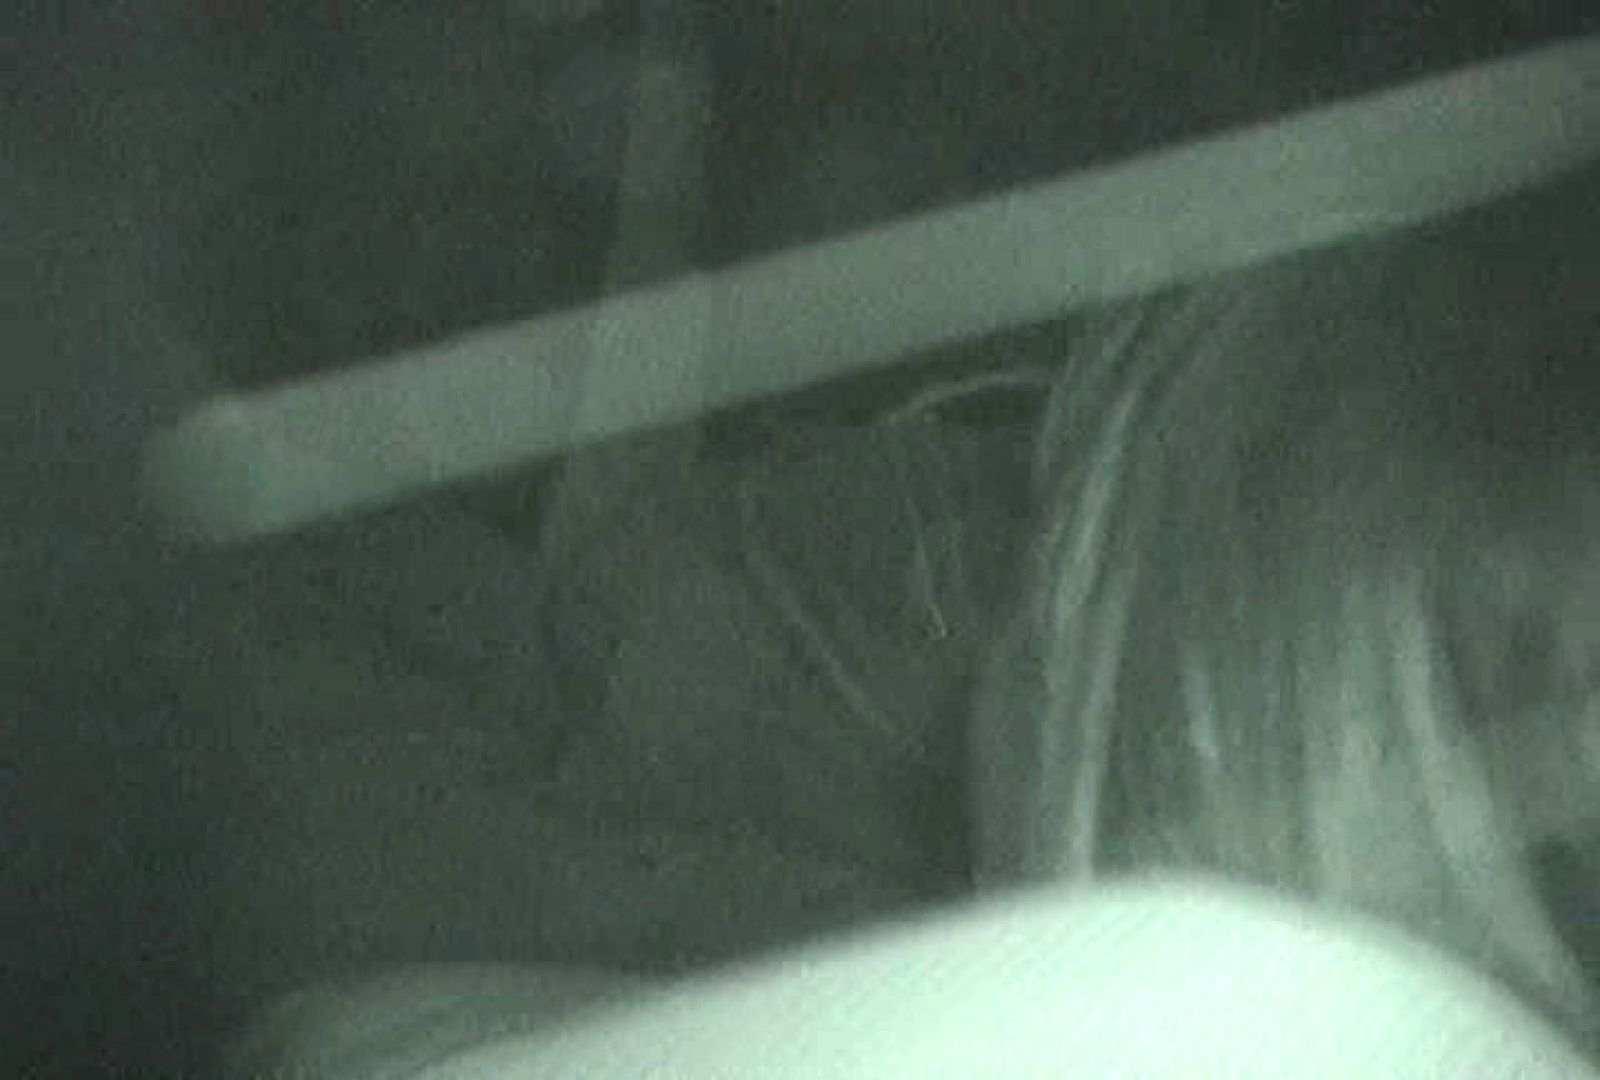 充血監督の深夜の運動会Vol.92 Hなお姉さん オマンコ無修正動画無料 97pic 36